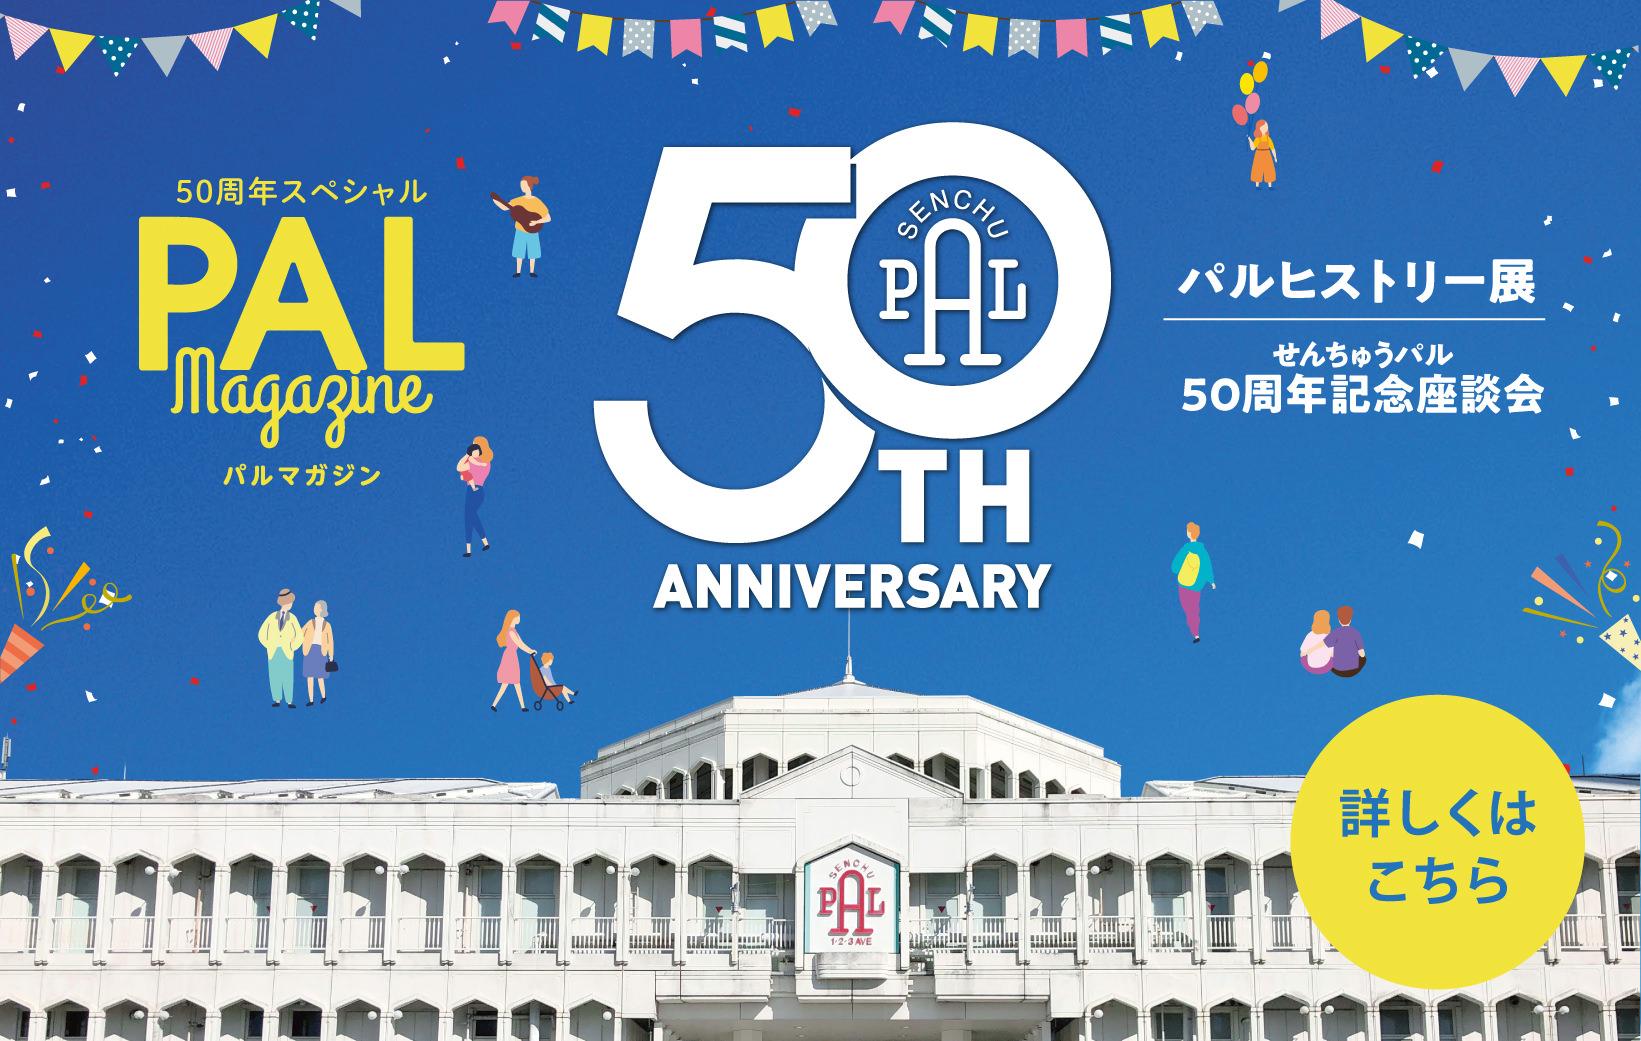 50周年スペシャル パルマガジン